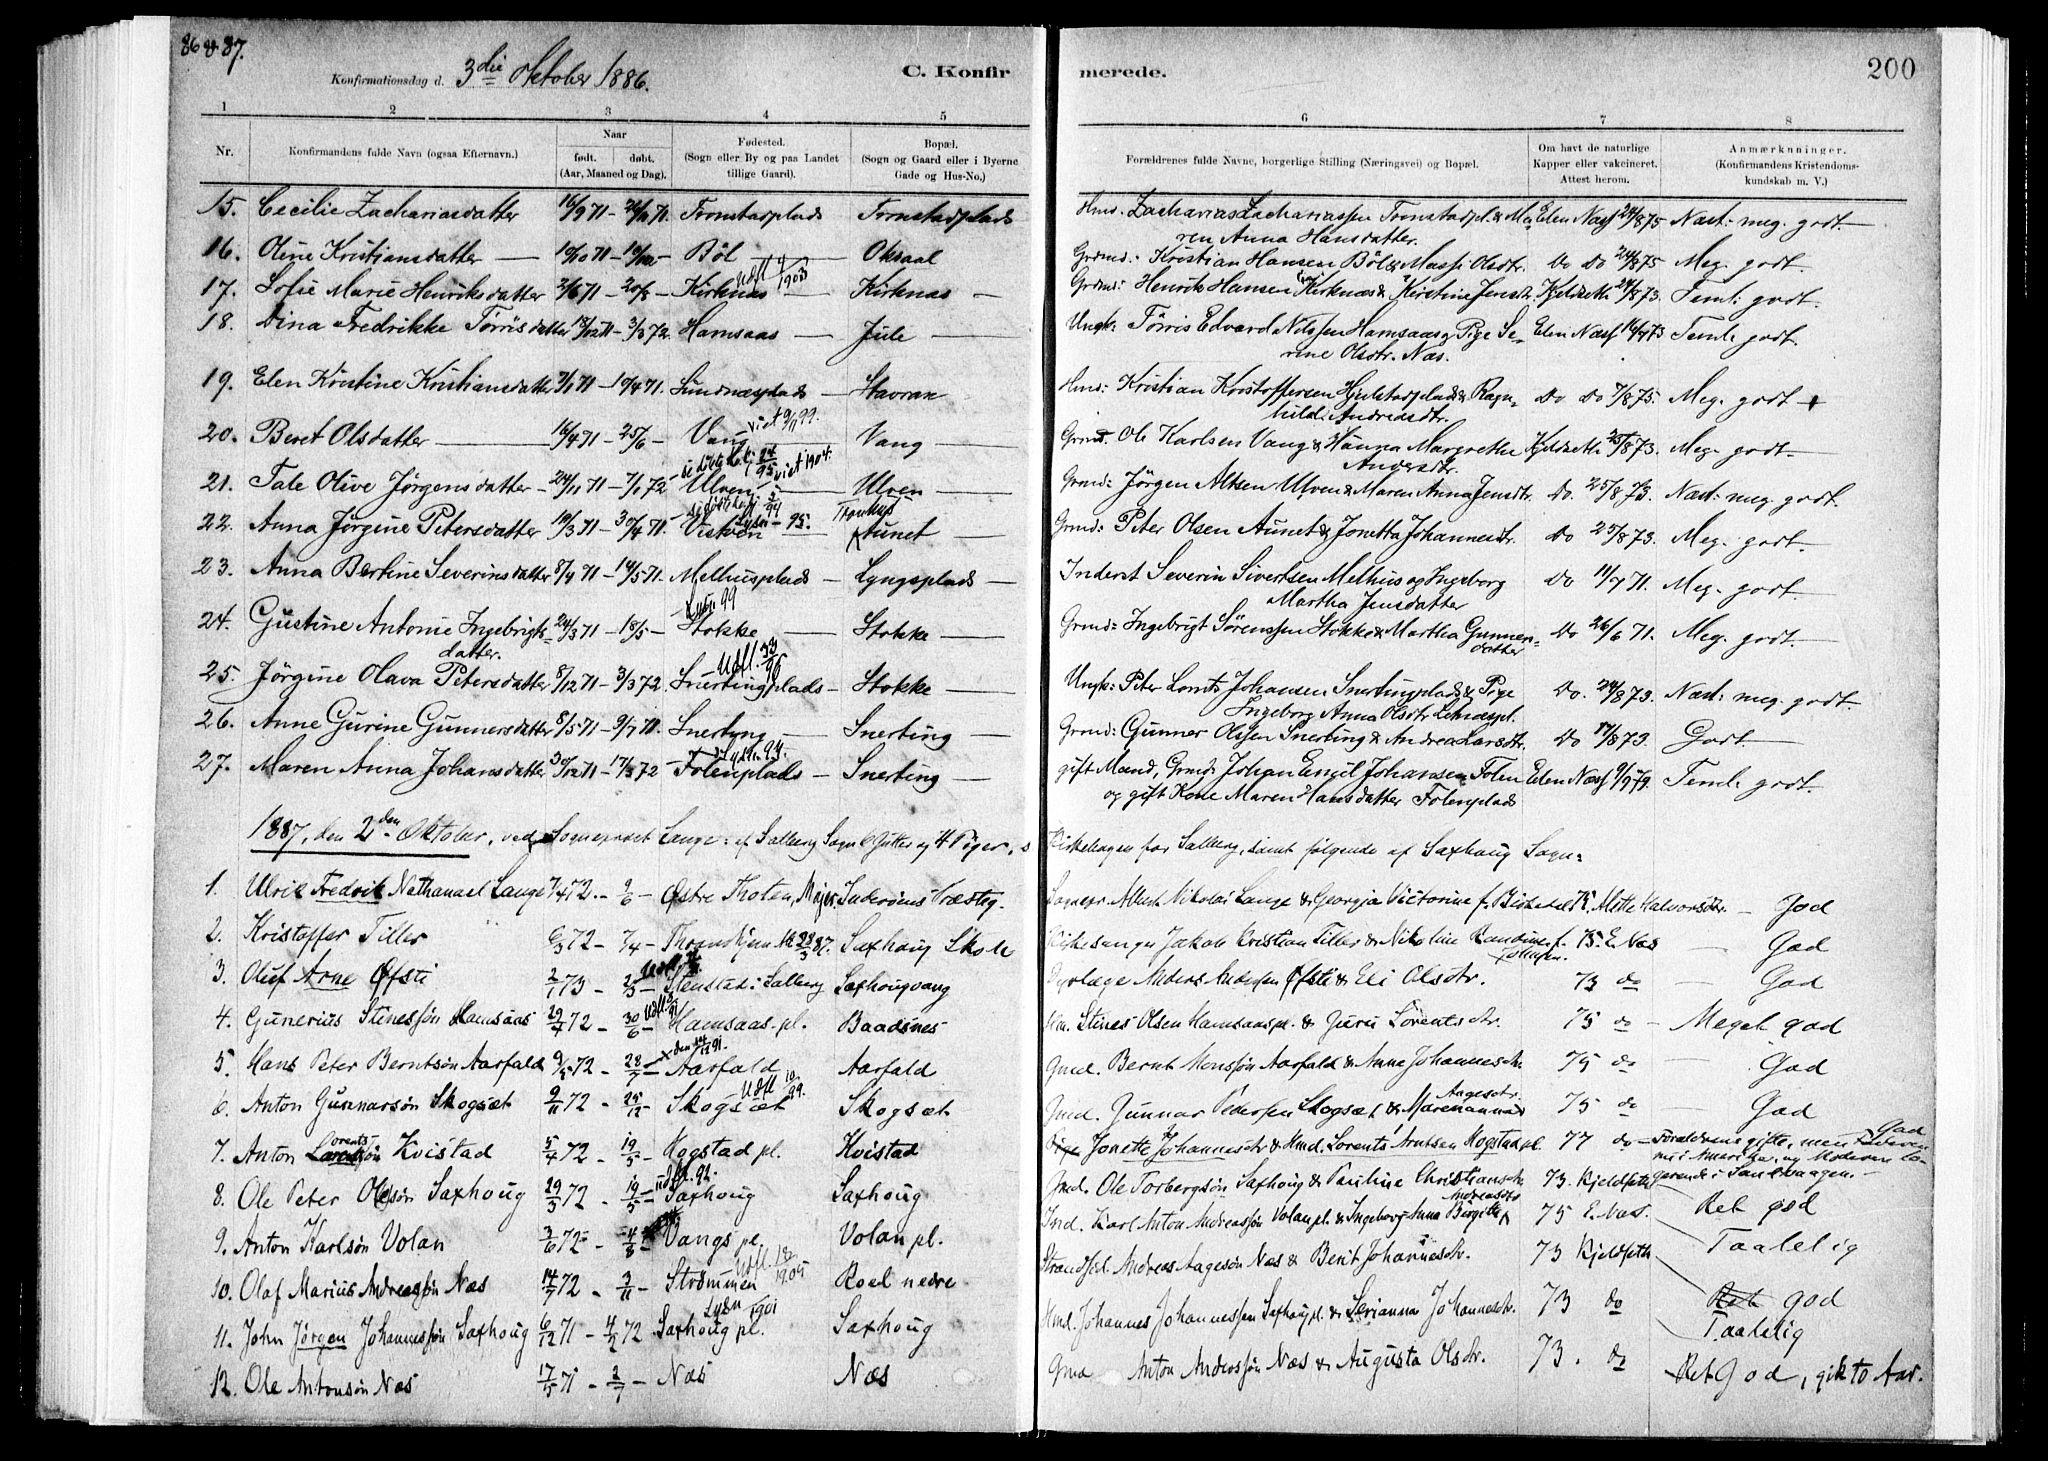 SAT, Ministerialprotokoller, klokkerbøker og fødselsregistre - Nord-Trøndelag, 730/L0285: Ministerialbok nr. 730A10, 1879-1914, s. 200